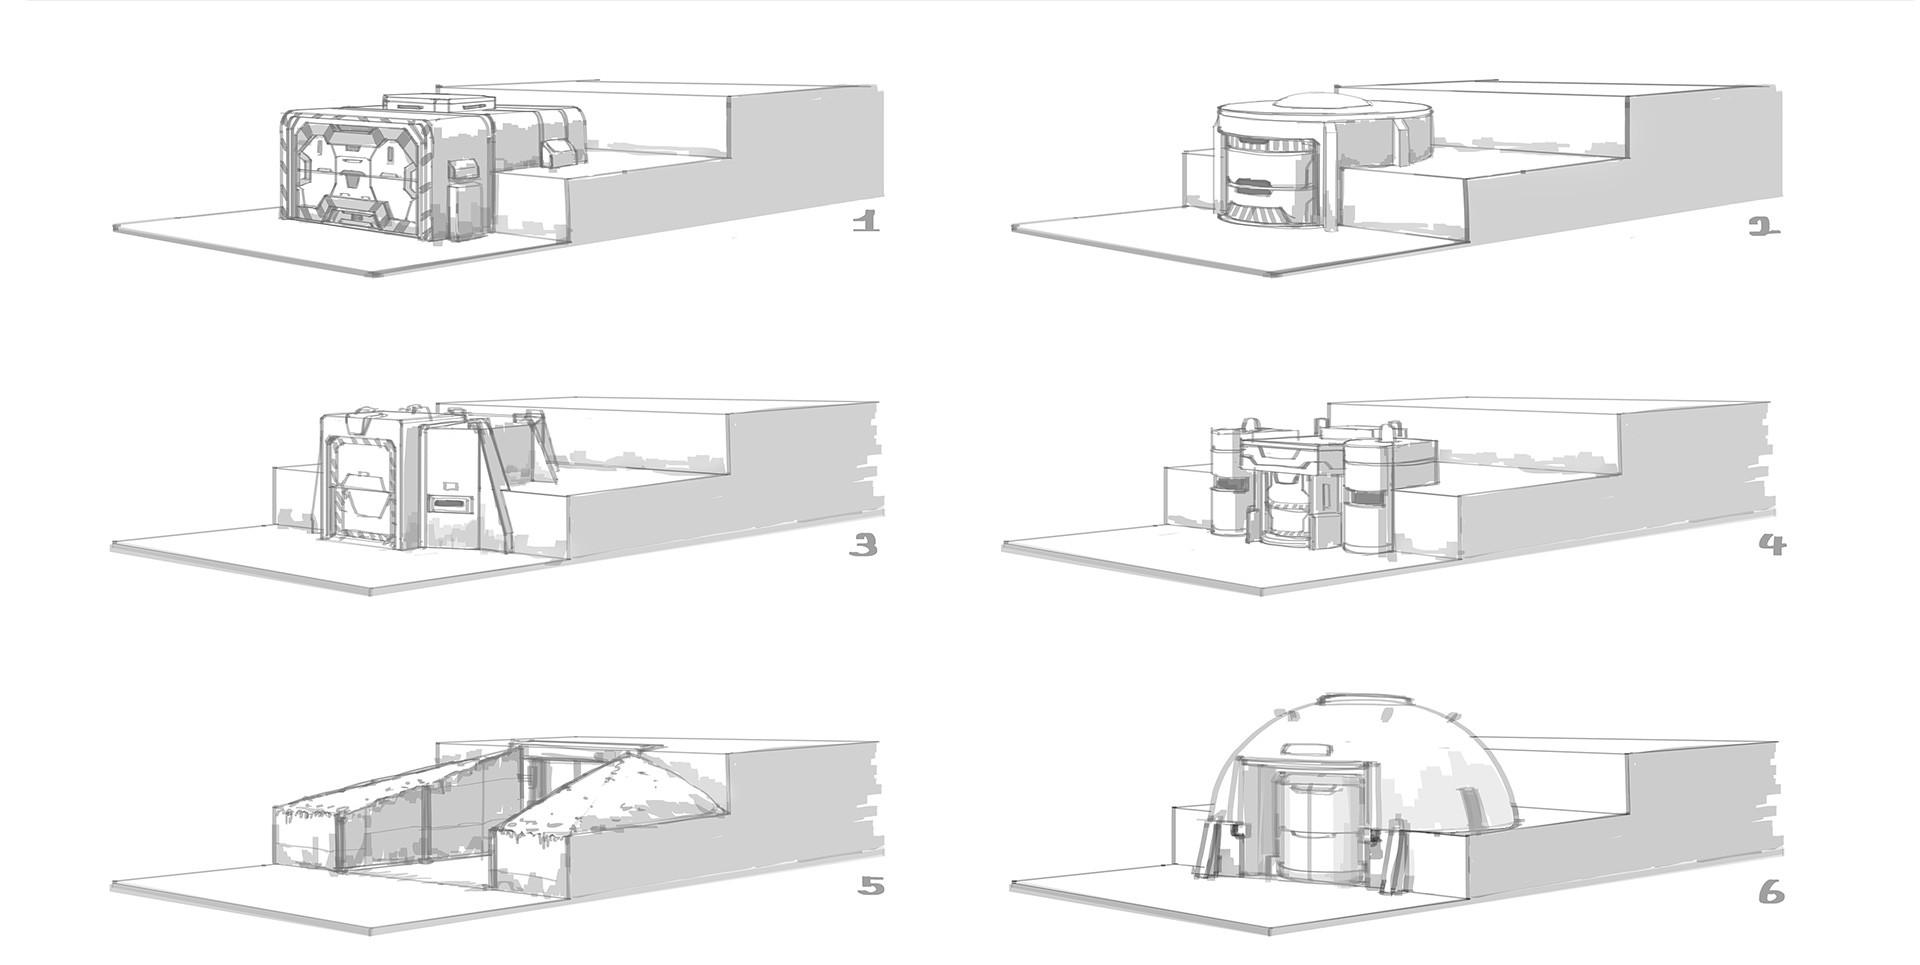 R o iaki 2015 10 13 bos waillingwall sketch01 3